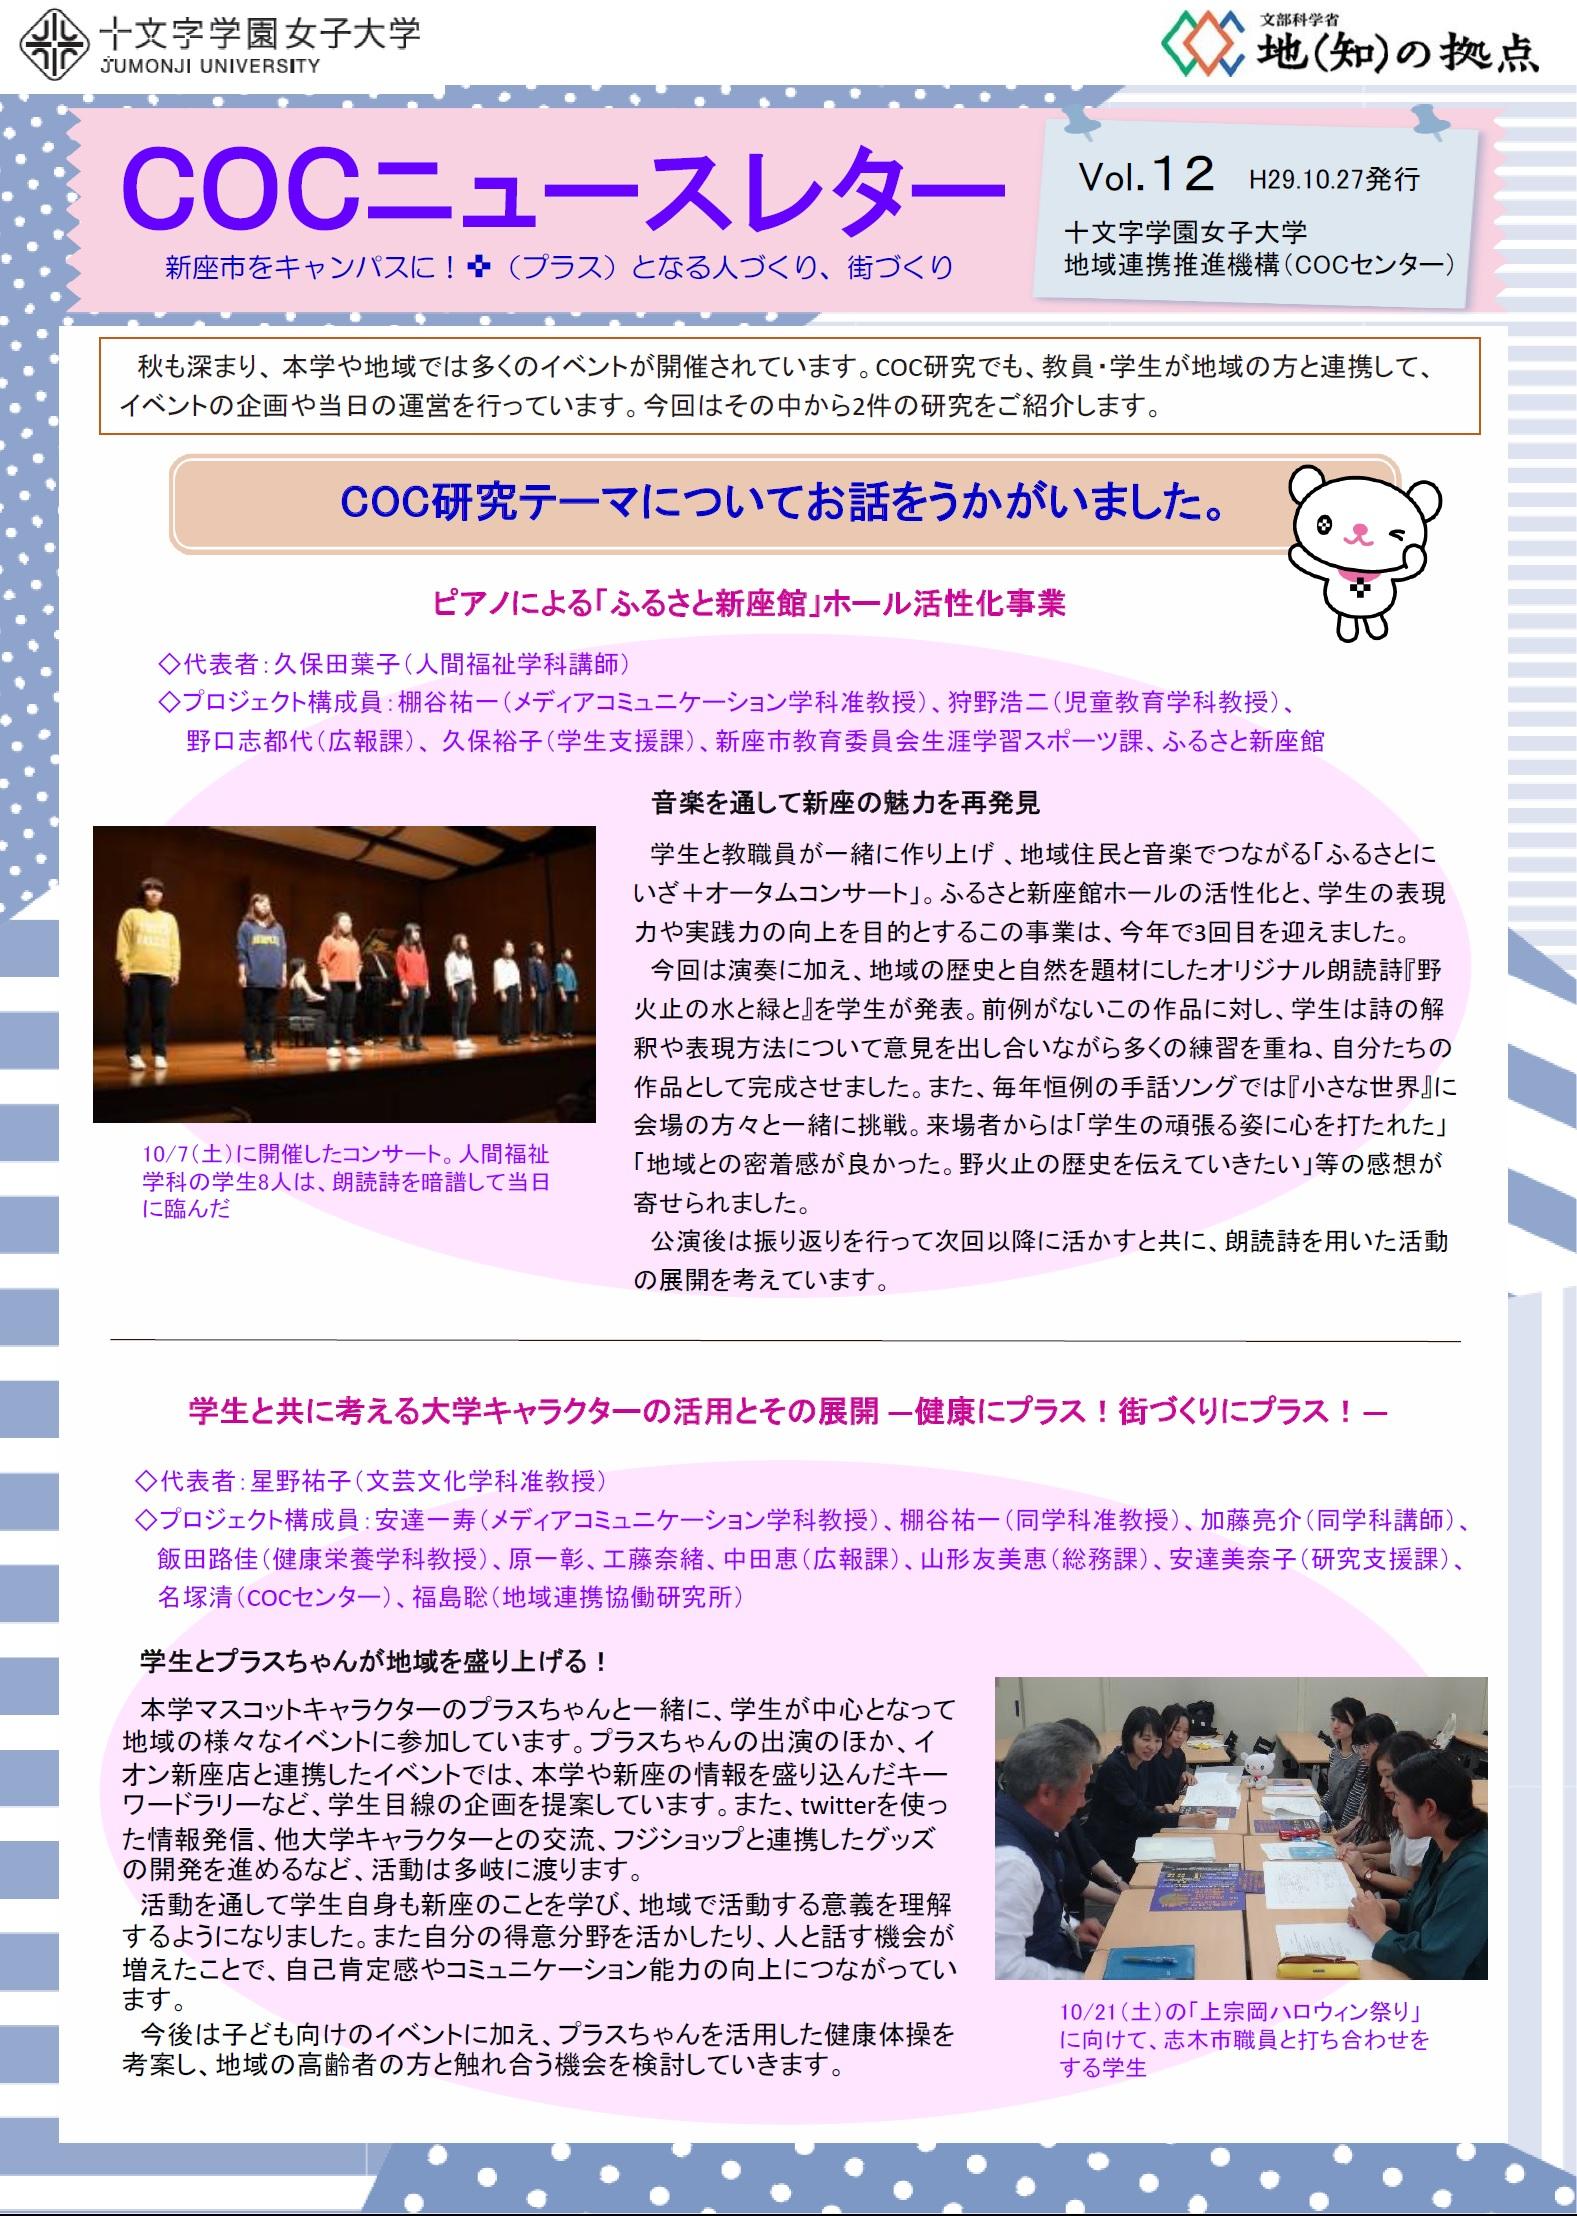 ニュースレター第12号を発行